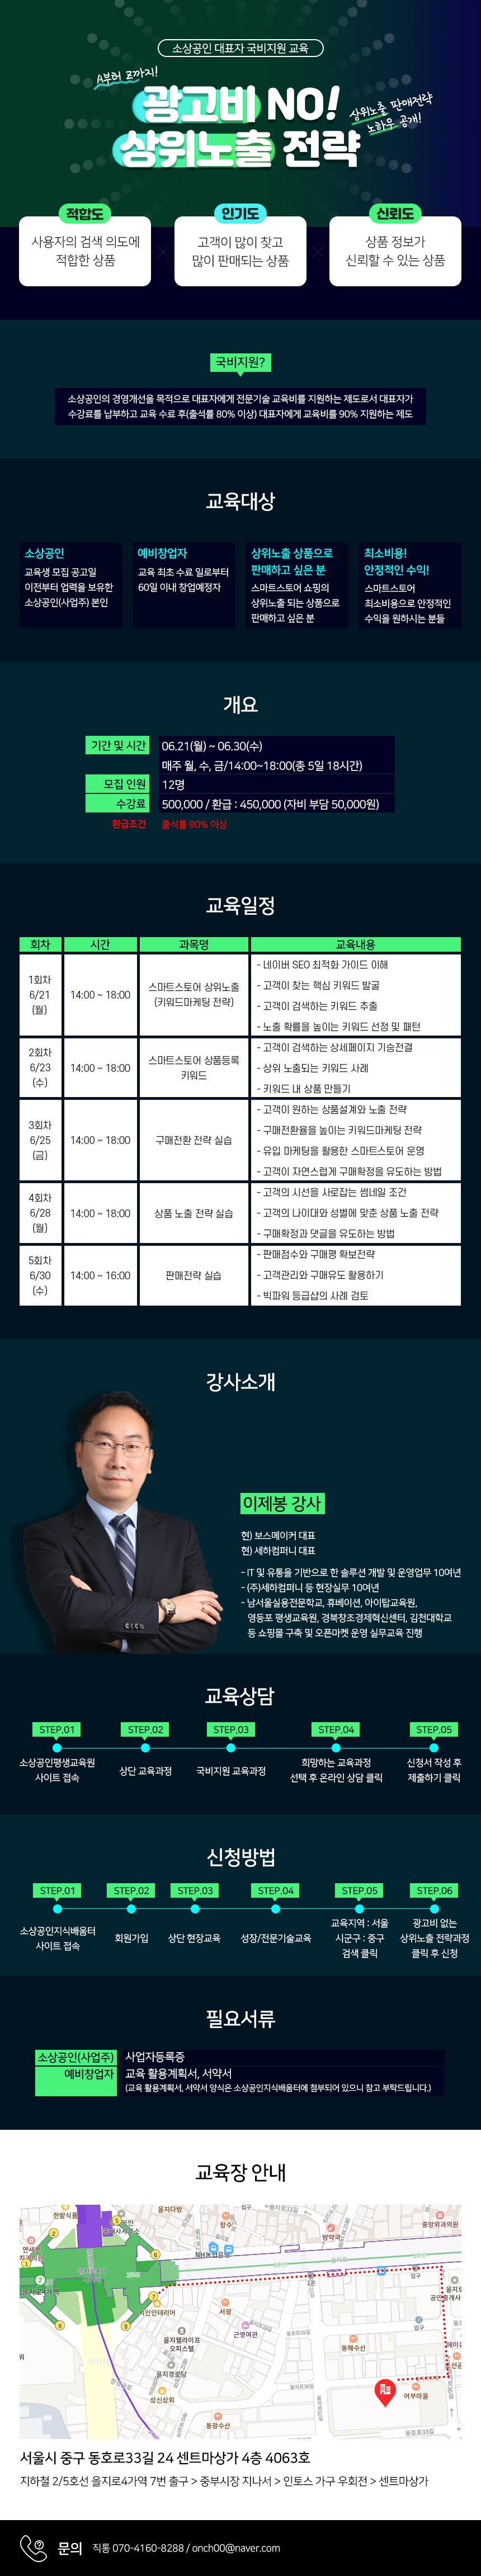 210603_상위노출과정.png